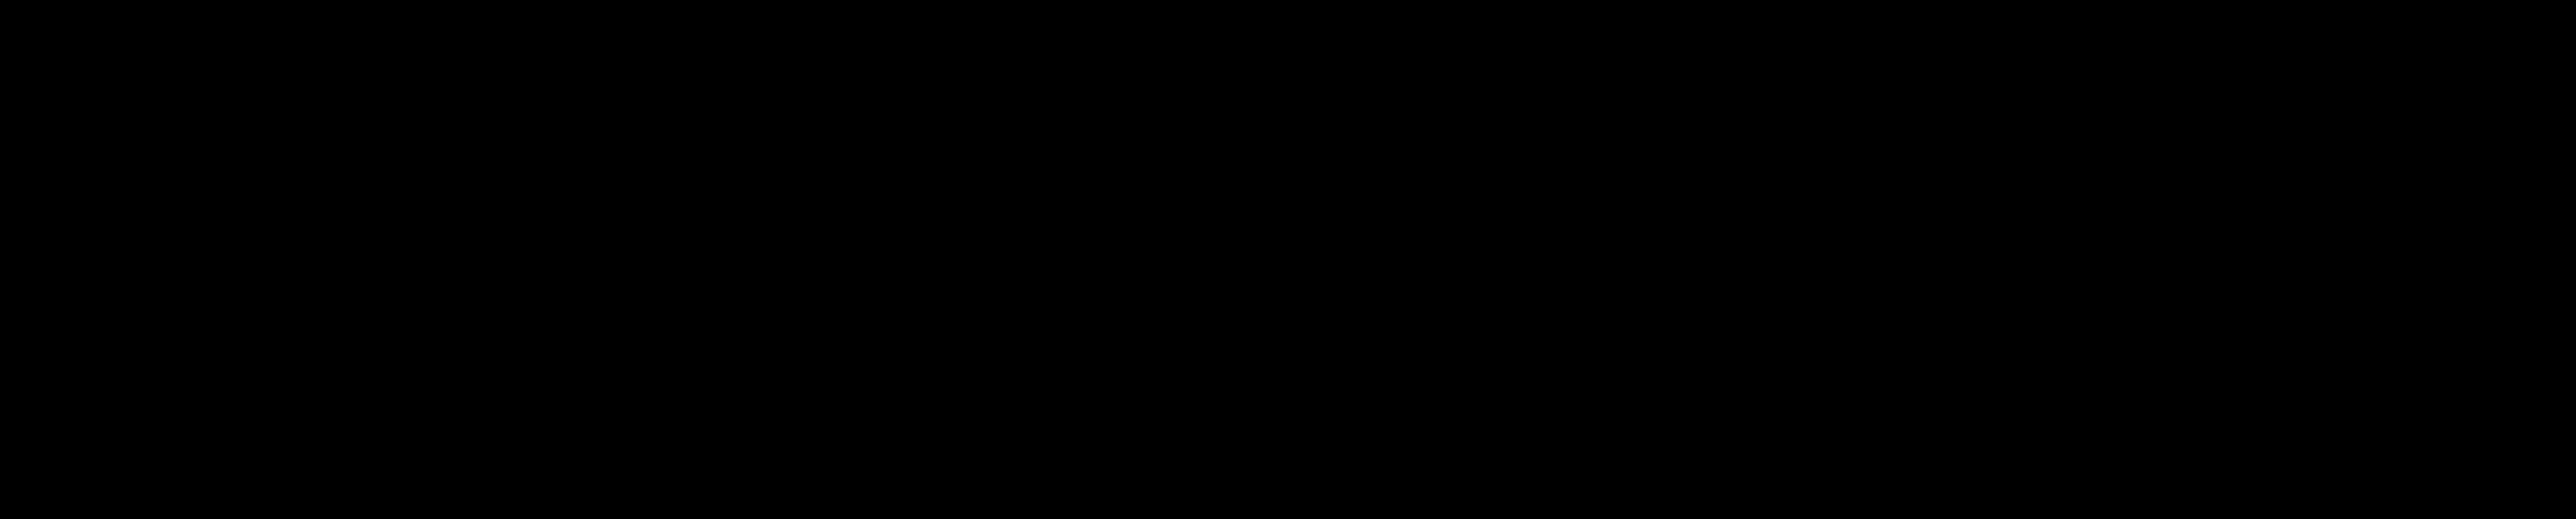 (주)지뉴브의 기업로고